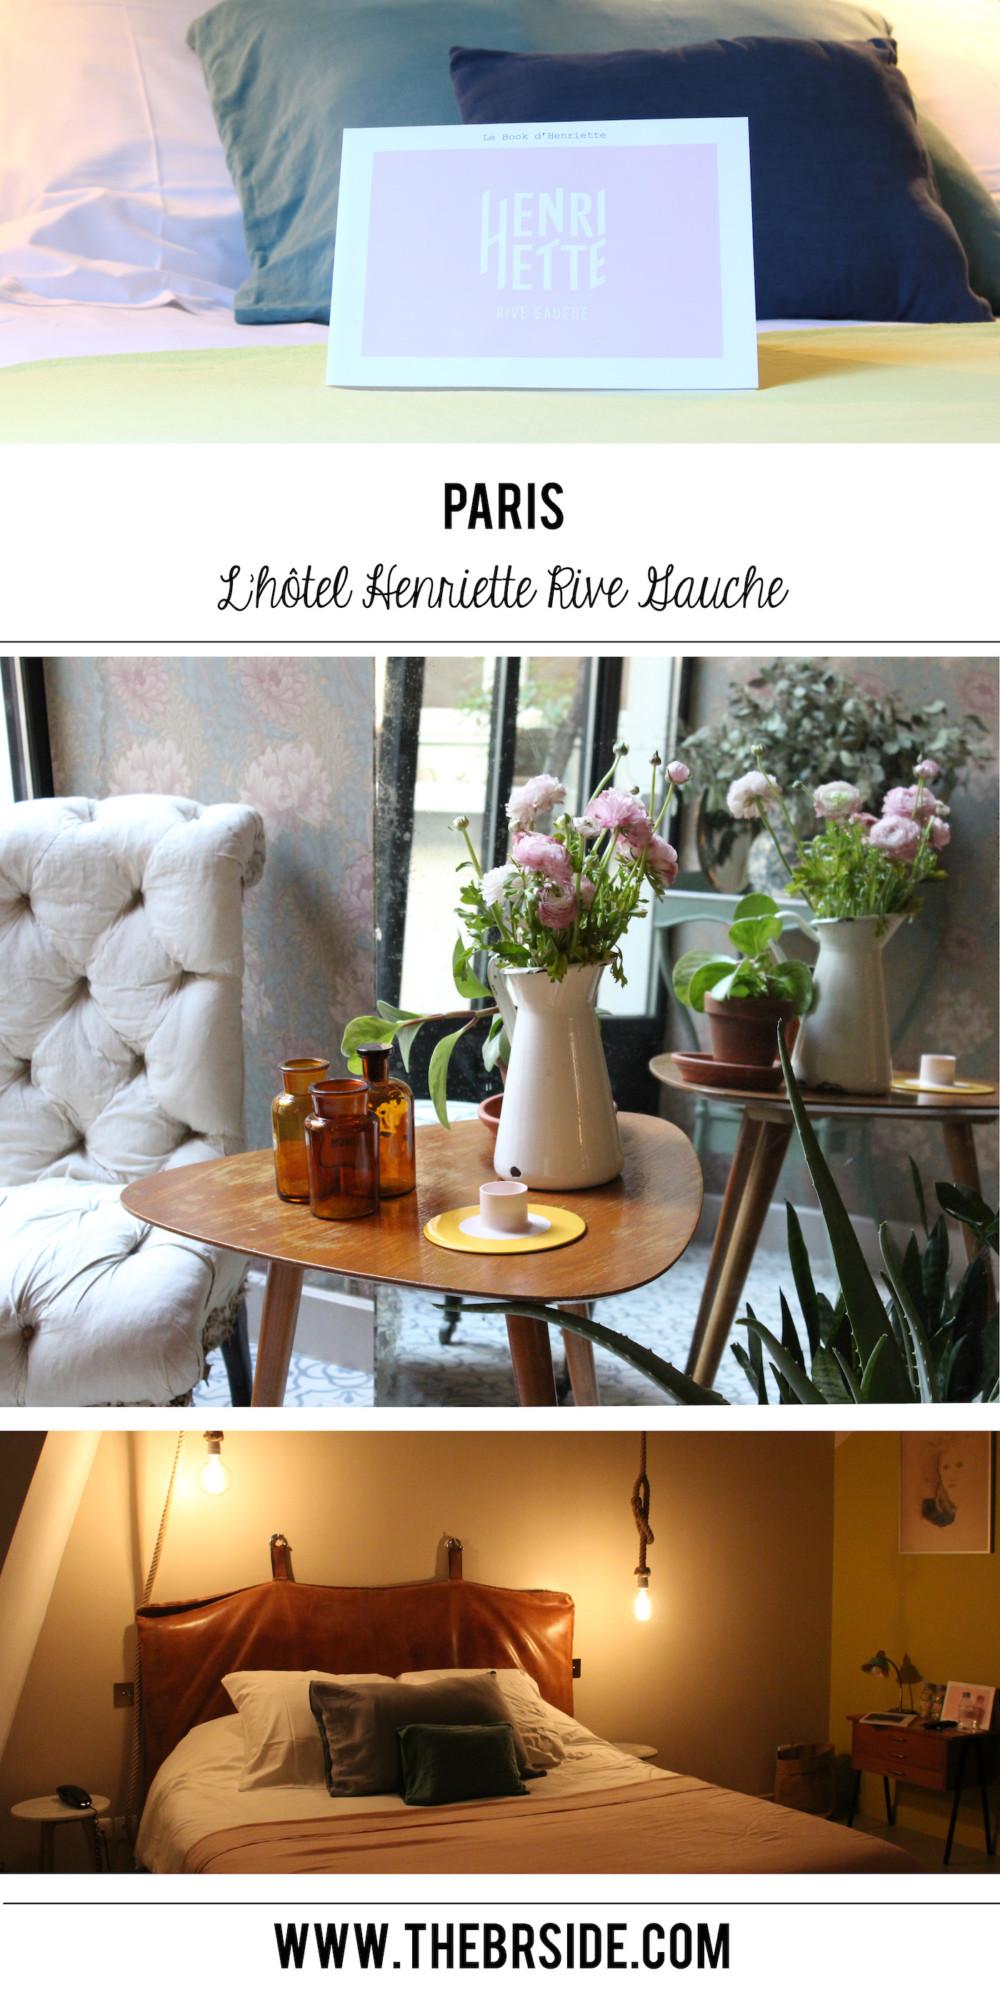 Pinterest Paris Hotel Henriette